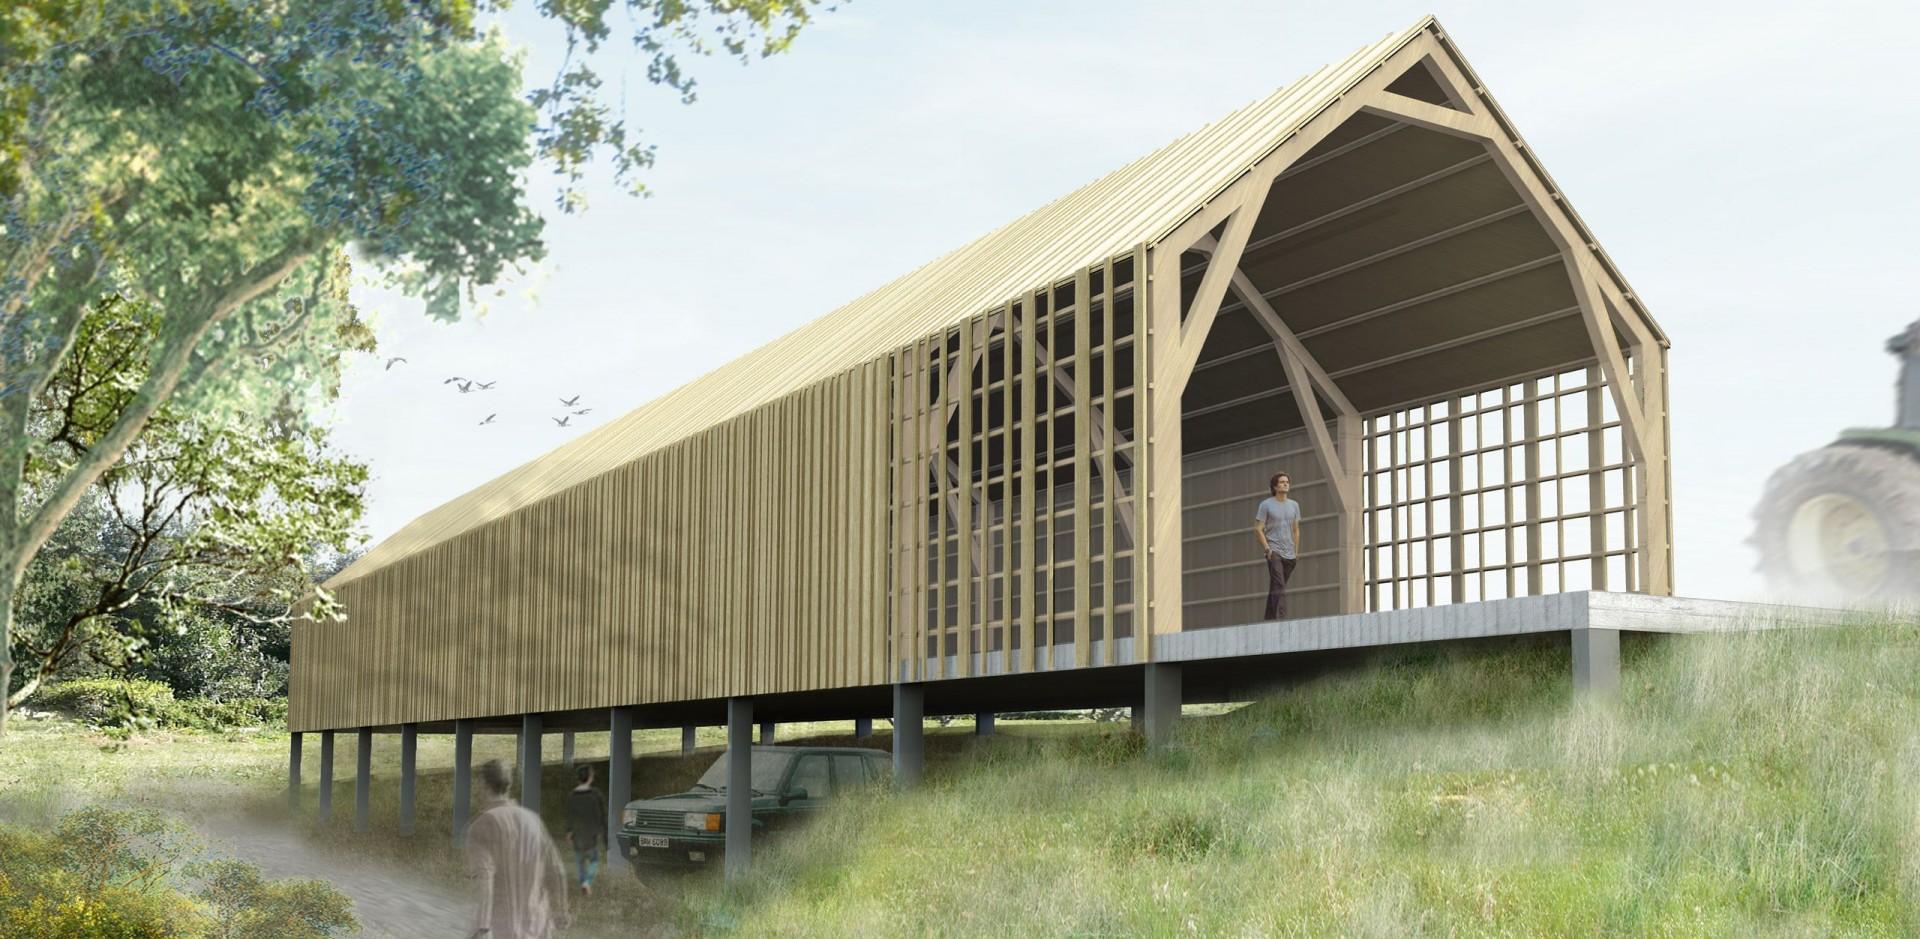 Adrien champsaur architecture architecte marseille - Maison dans hangar metallique ...